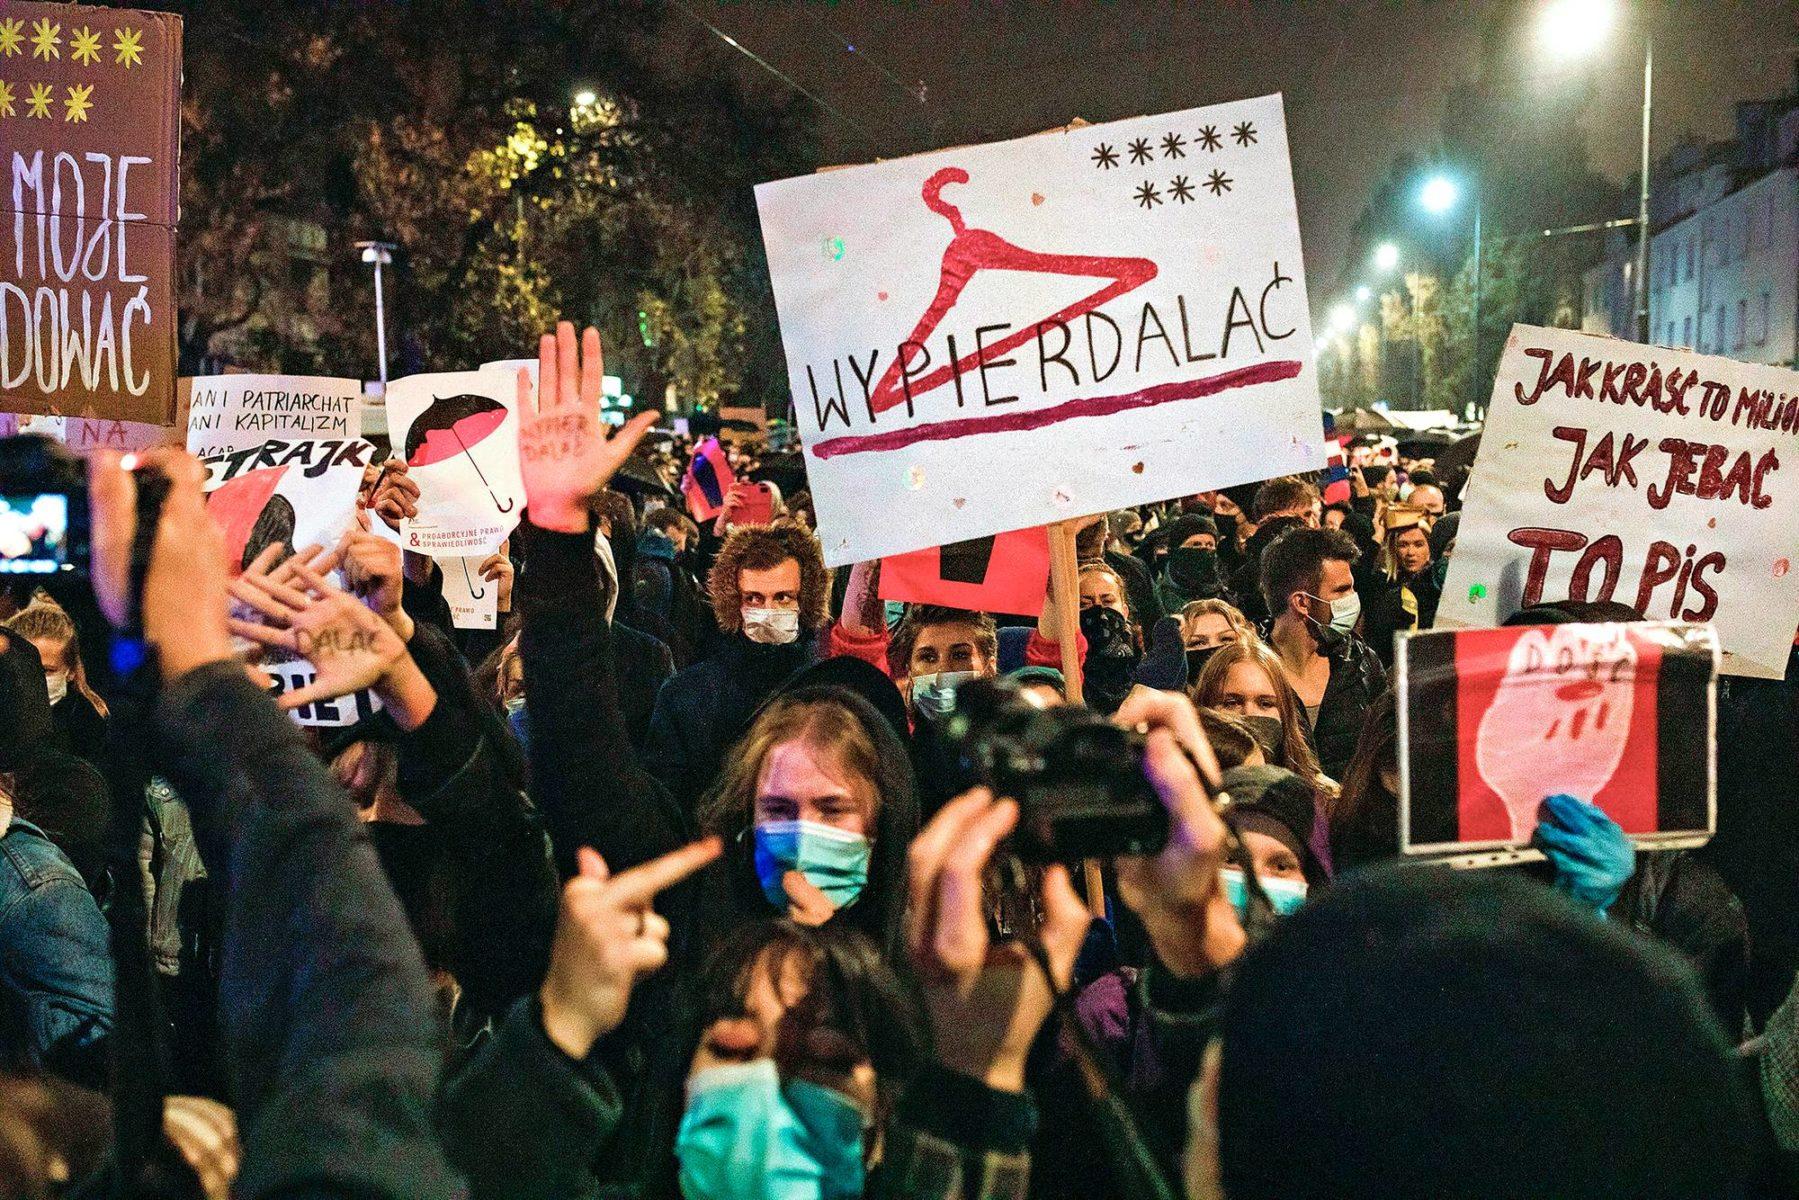 Mielenosoittajat vastustivat aborttilain kiristämistä Varsovassa 23. lokakuuta.